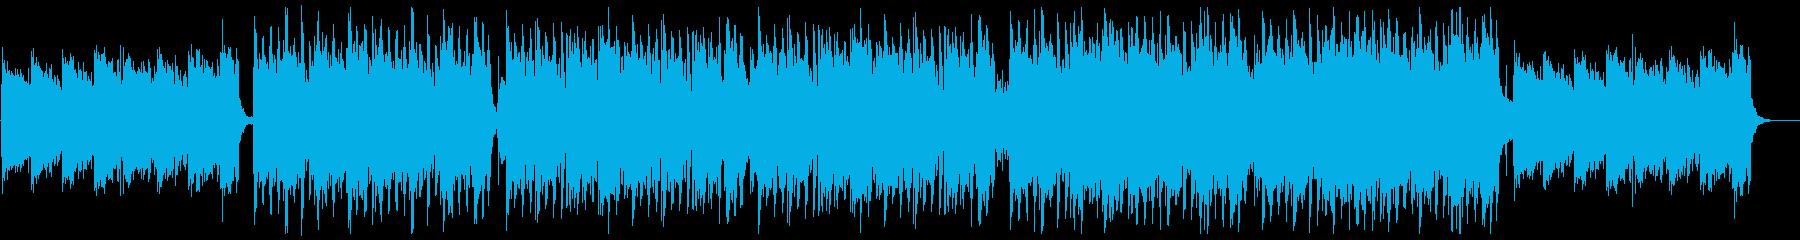 エレガントバイオリンポップx1の再生済みの波形